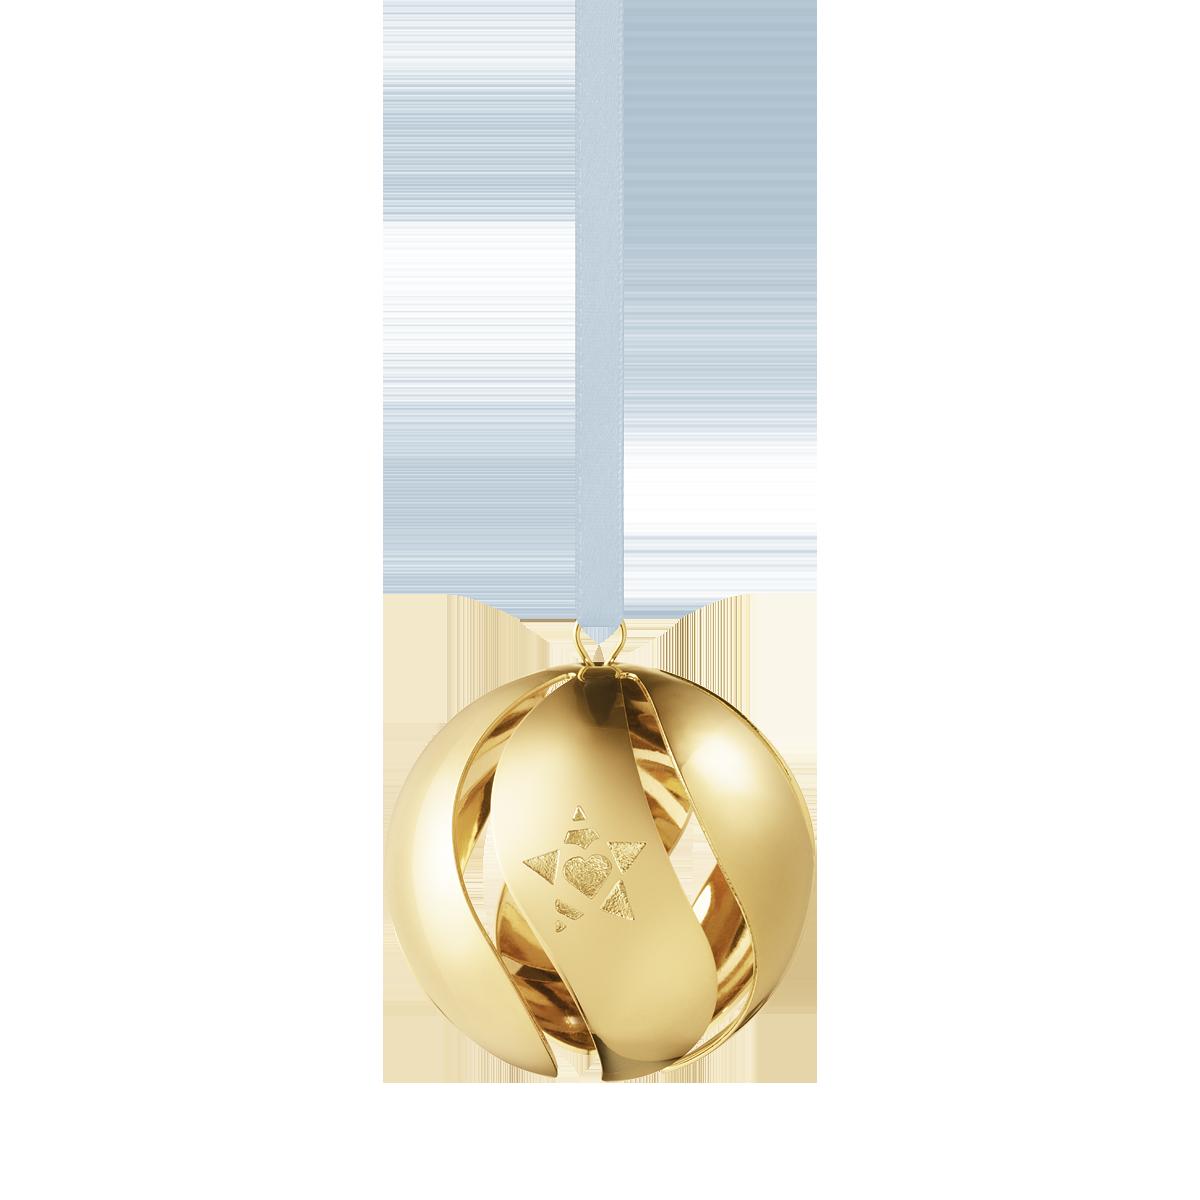 Danish Silver Bangle avec boule-Lund Copenhague